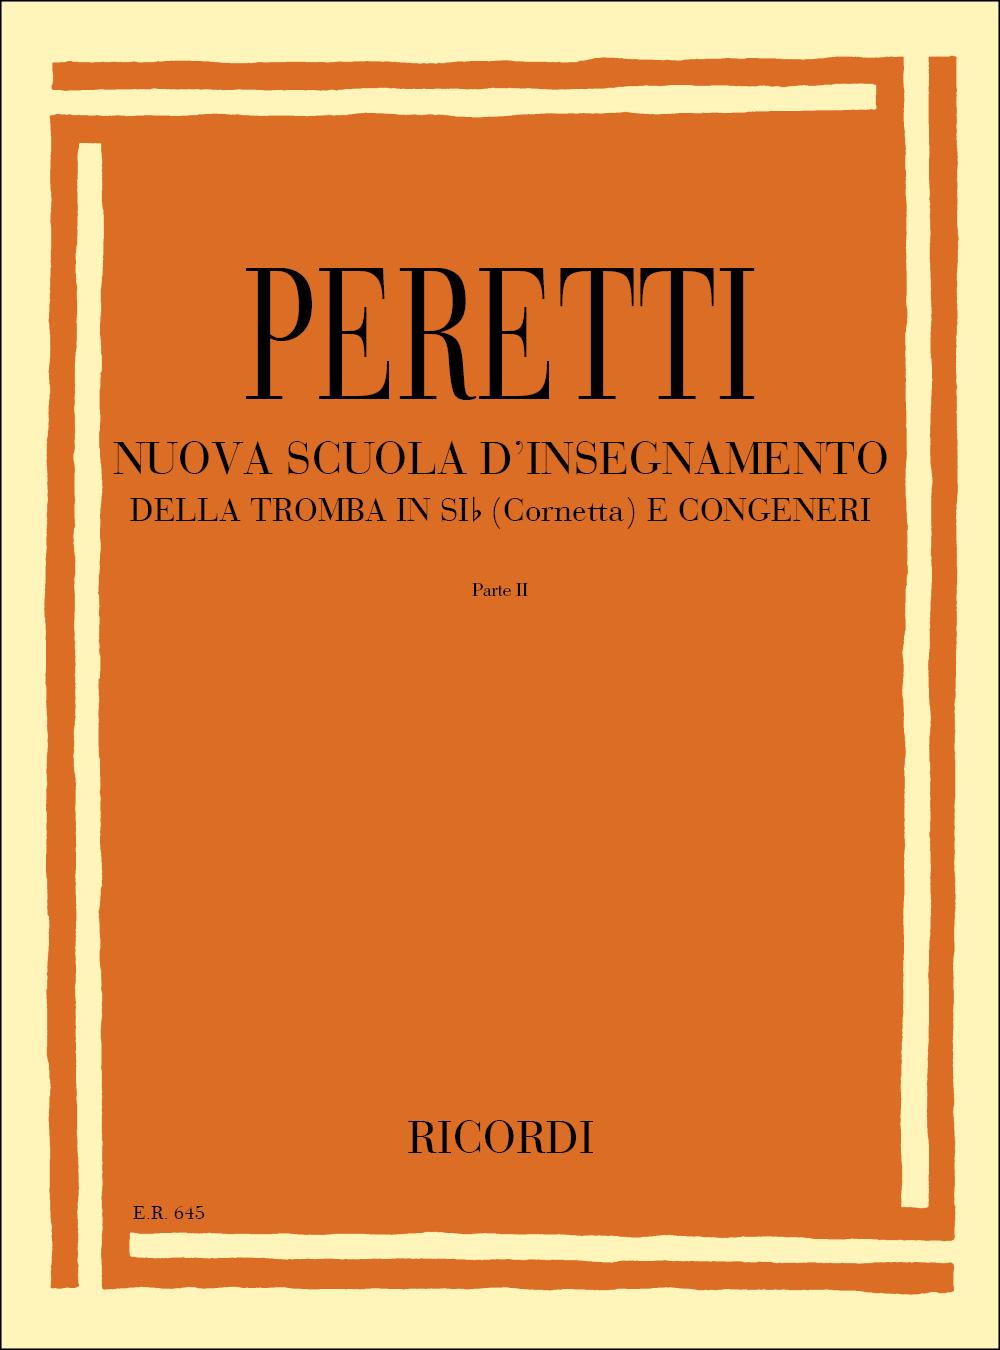 Serse Peretti: Nuova Scuola D Insegnamento Della Tromba In Si: Trumpet